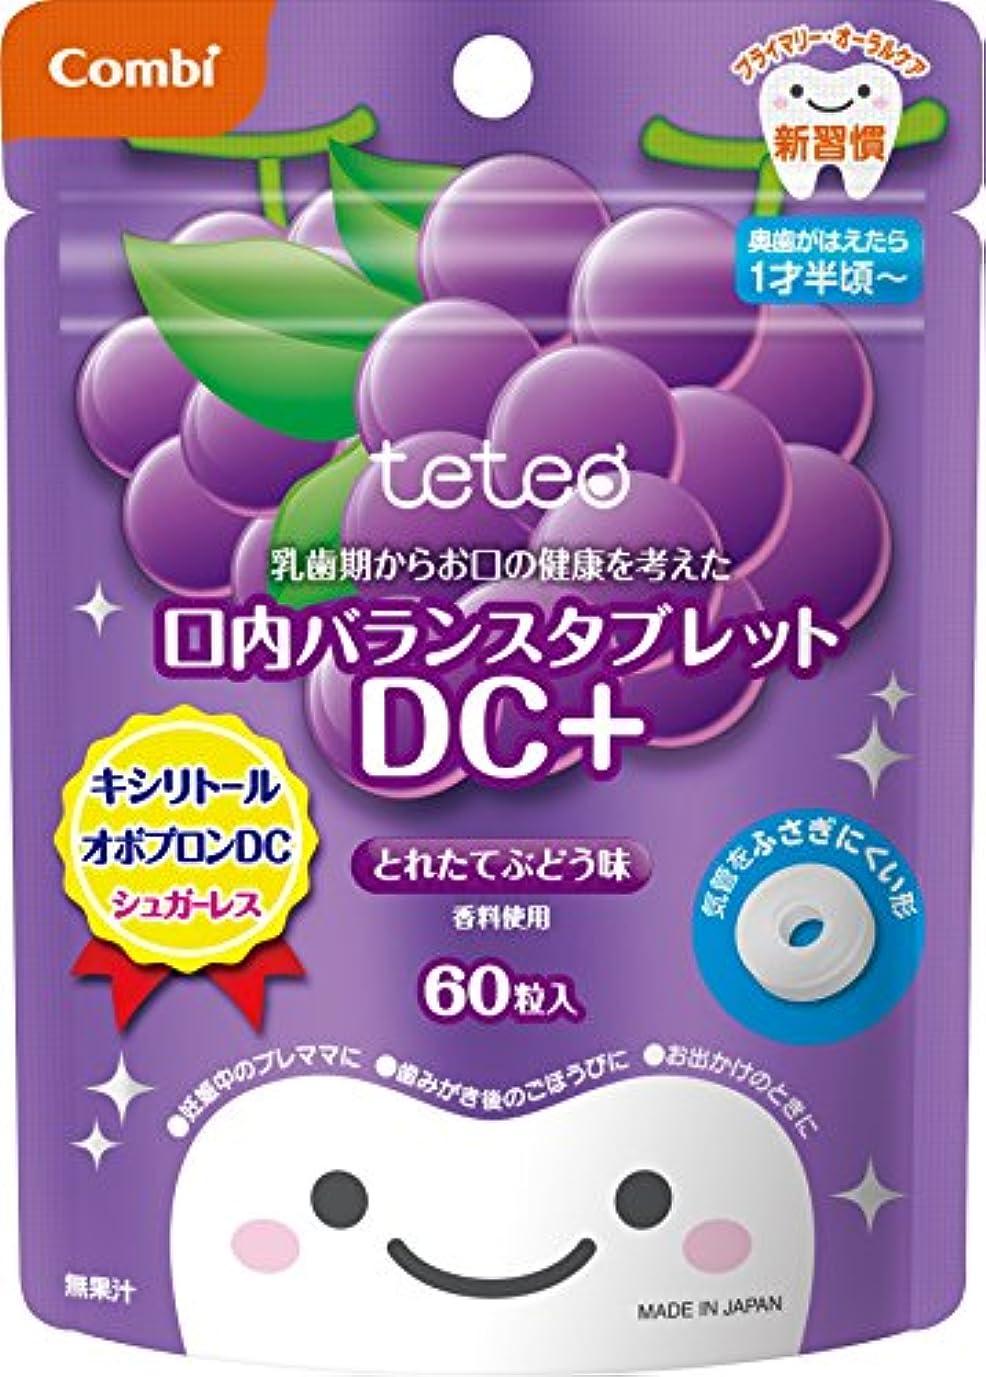 レキシコン問題干し草コンビ テテオ 乳歯期からお口の健康を考えた 口内バランスタブレット DC+ とれたてぶどう味 60粒入